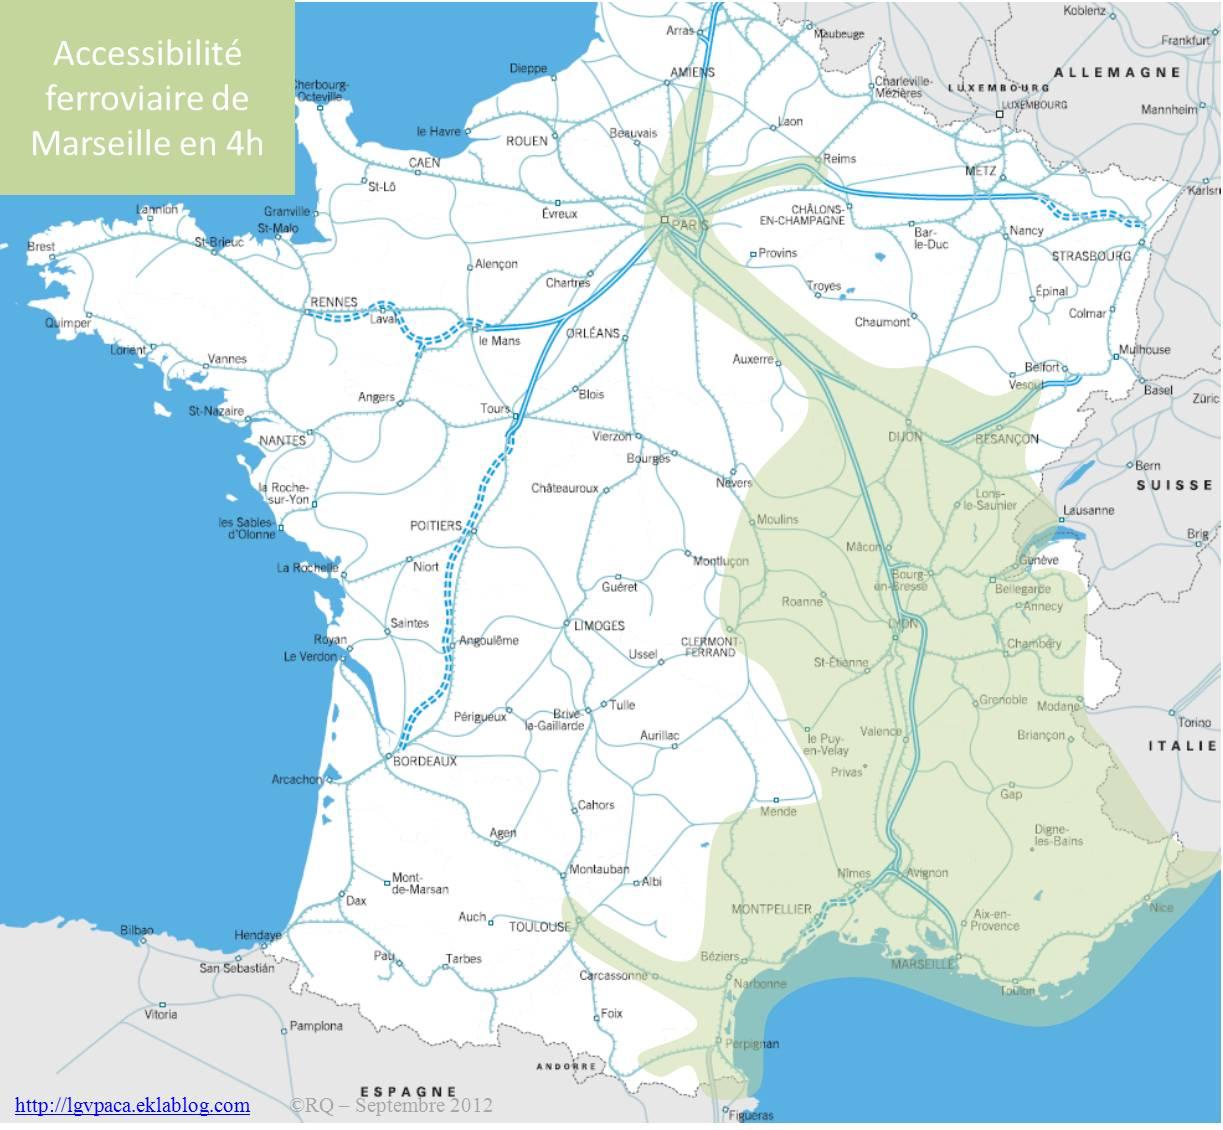 Accessibilité ferroviaire de Marseille